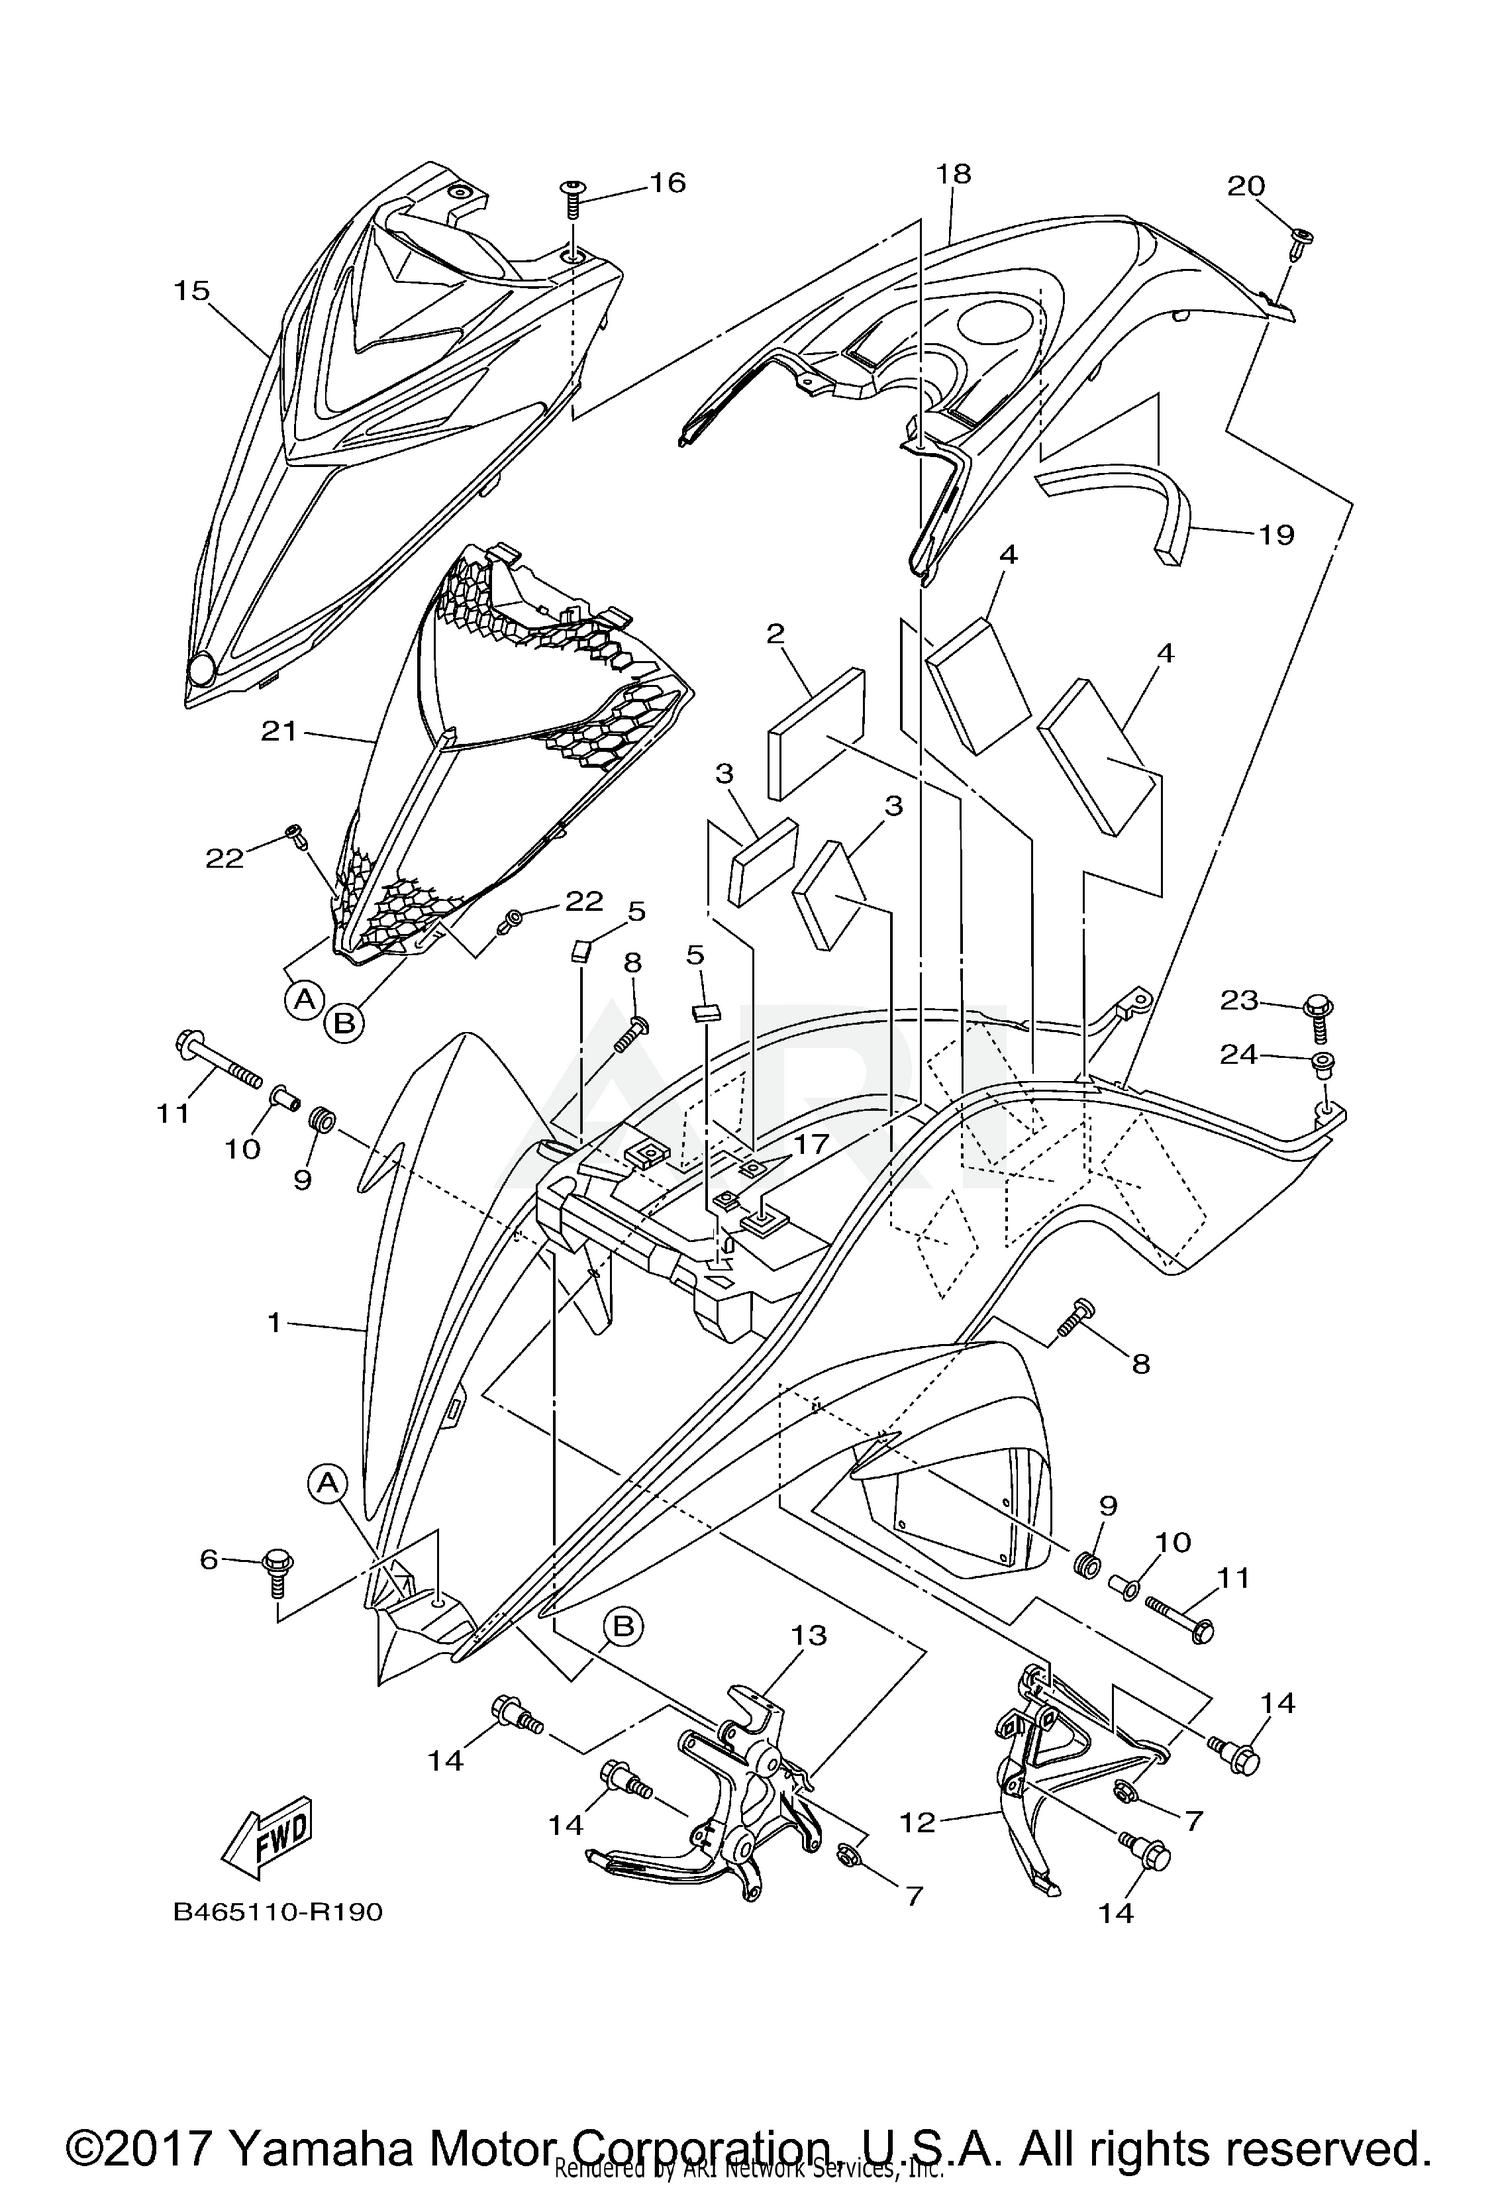 2018 Yamaha RAPTOR 700R SE - YFM70RSSJW FRONT FENDER Parts ... on